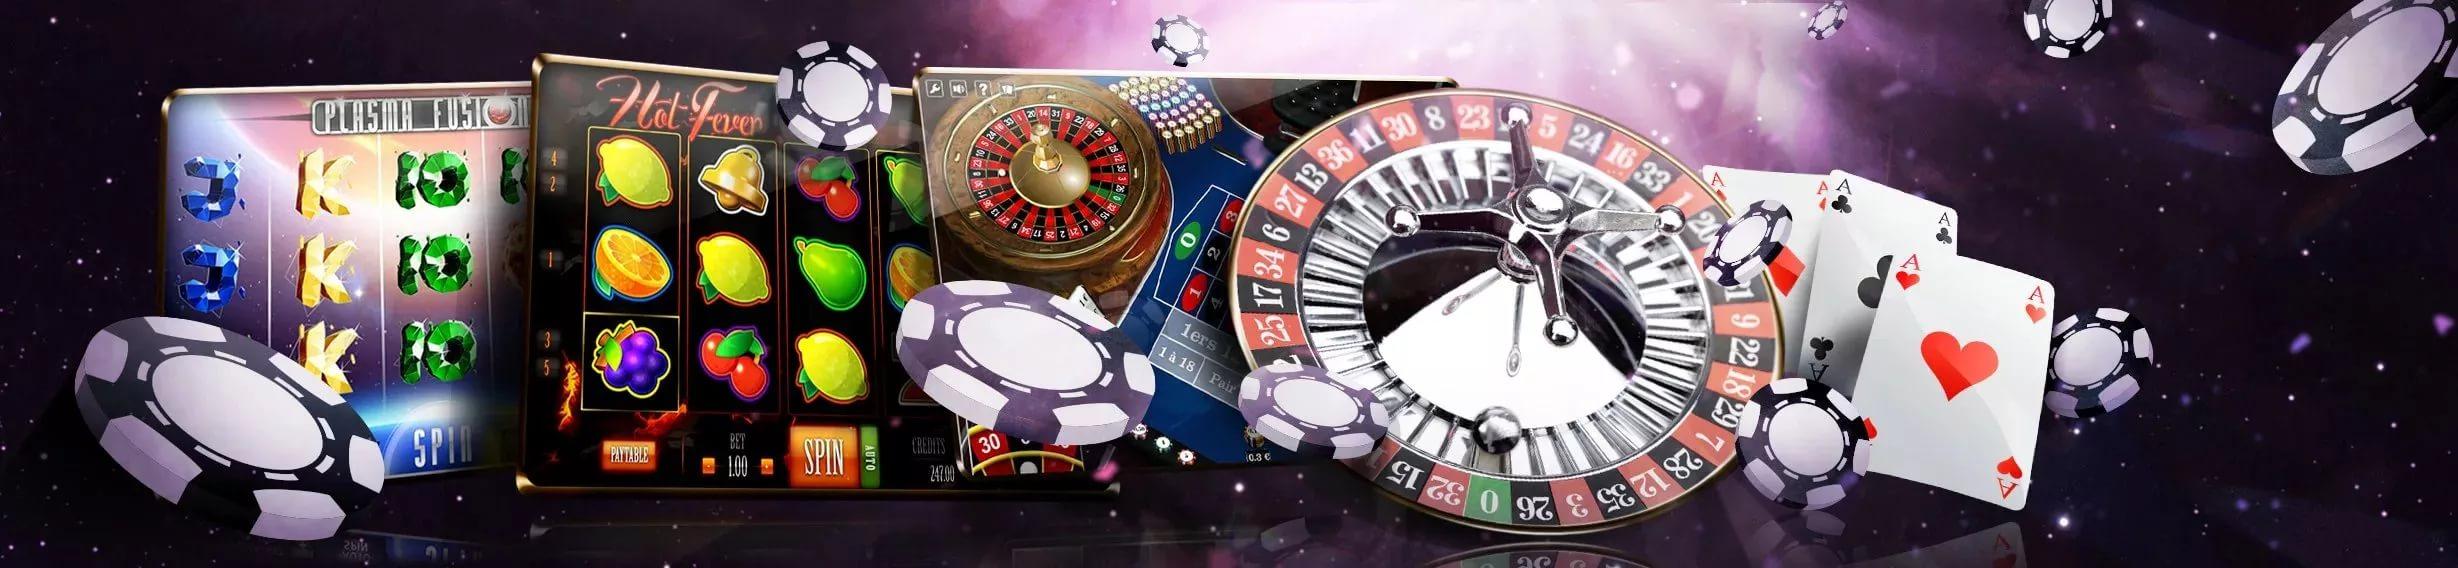 казино онлайн play